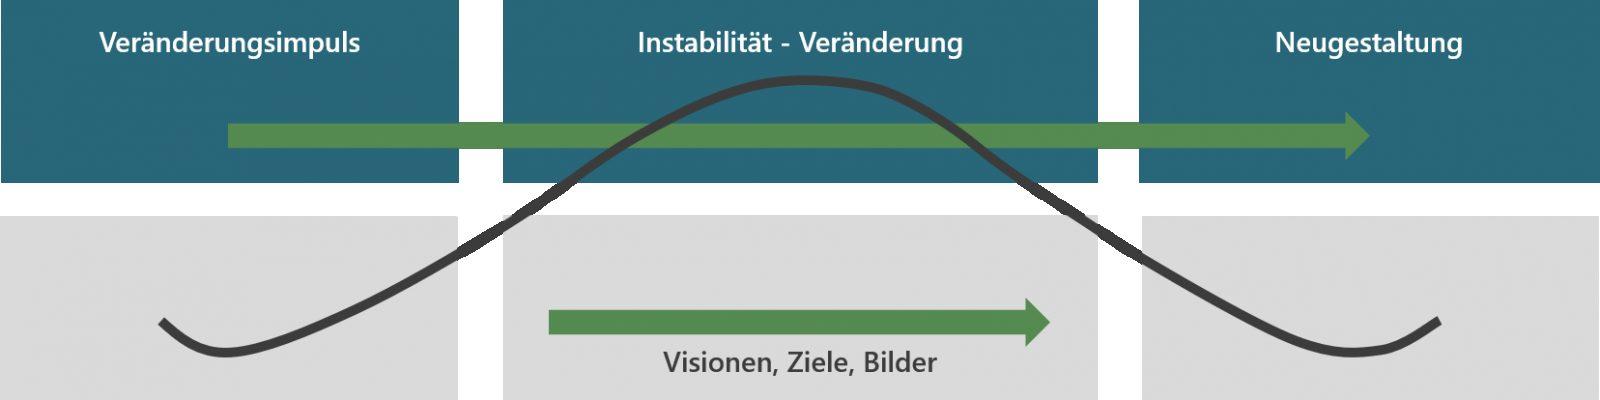 Instabilität2